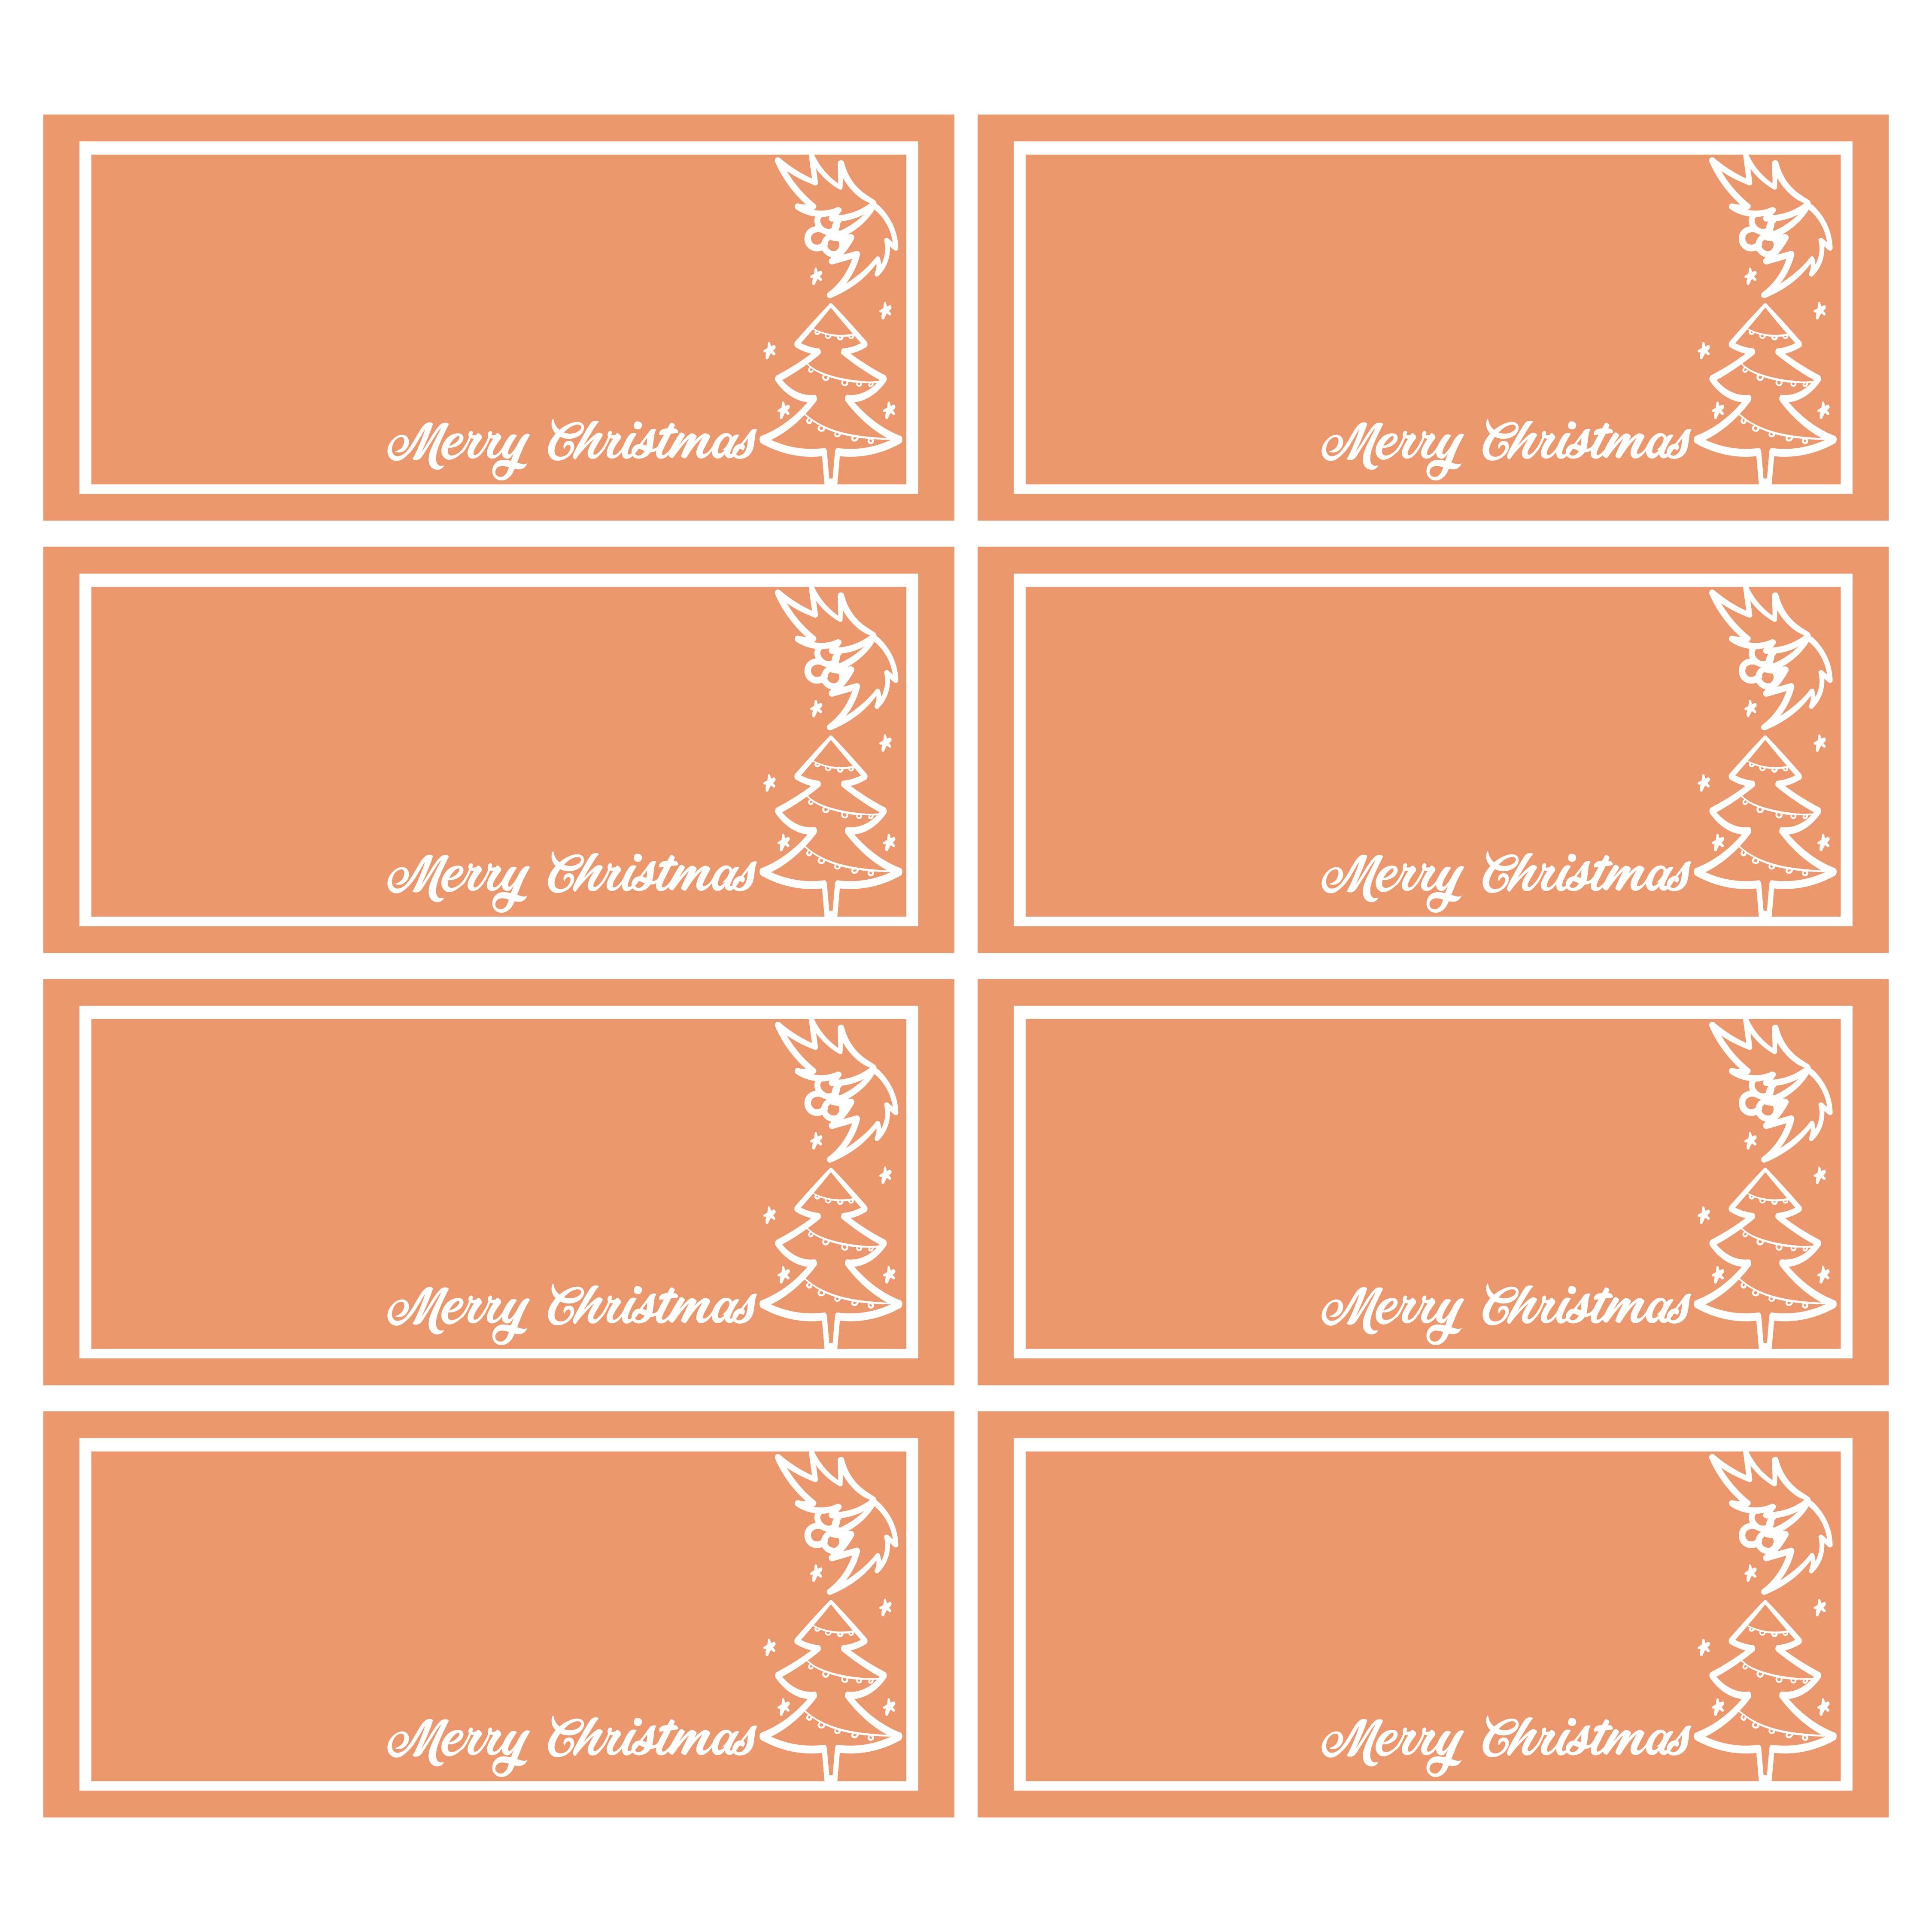 ... Christmas Gift Tags, Free Printable Editable Christmas Tags and Free